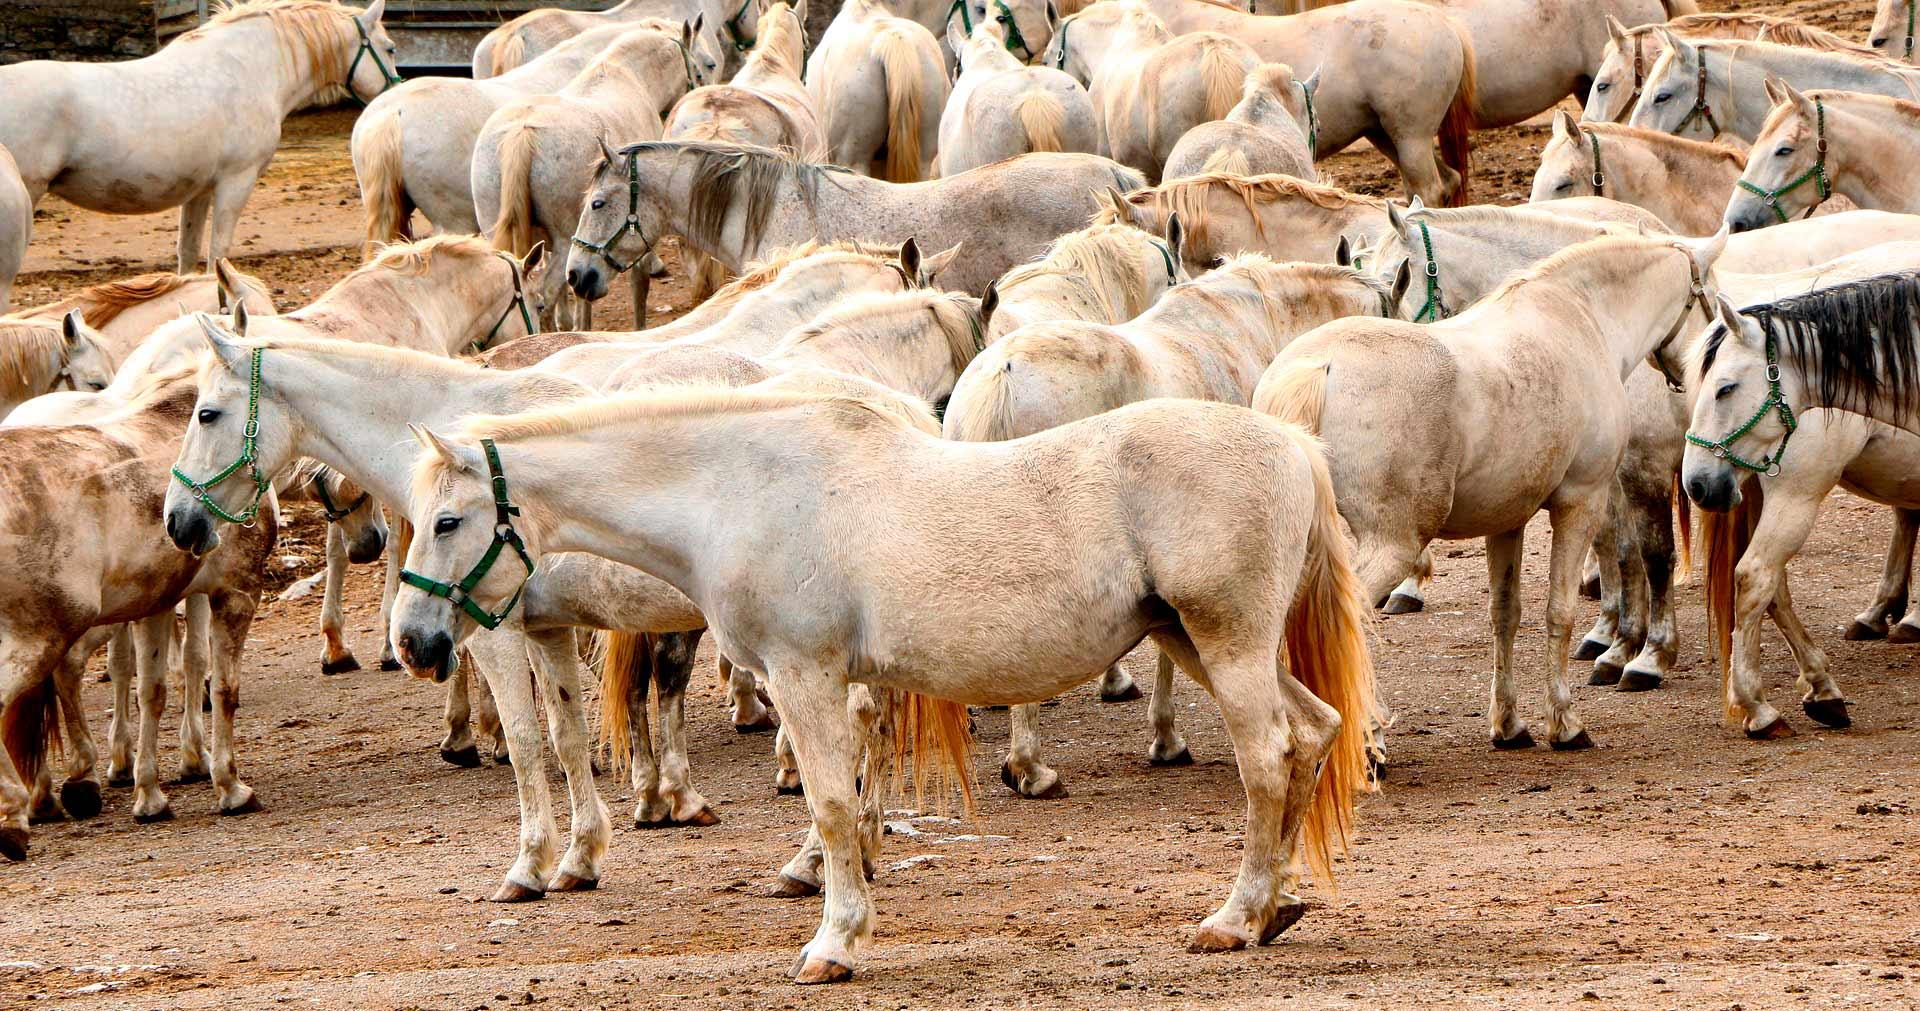 La centenaria raza de caballos blancos Lipizzaner - 14 Razones para viajar a Eslovenia - Image by majdharma from Pixabay